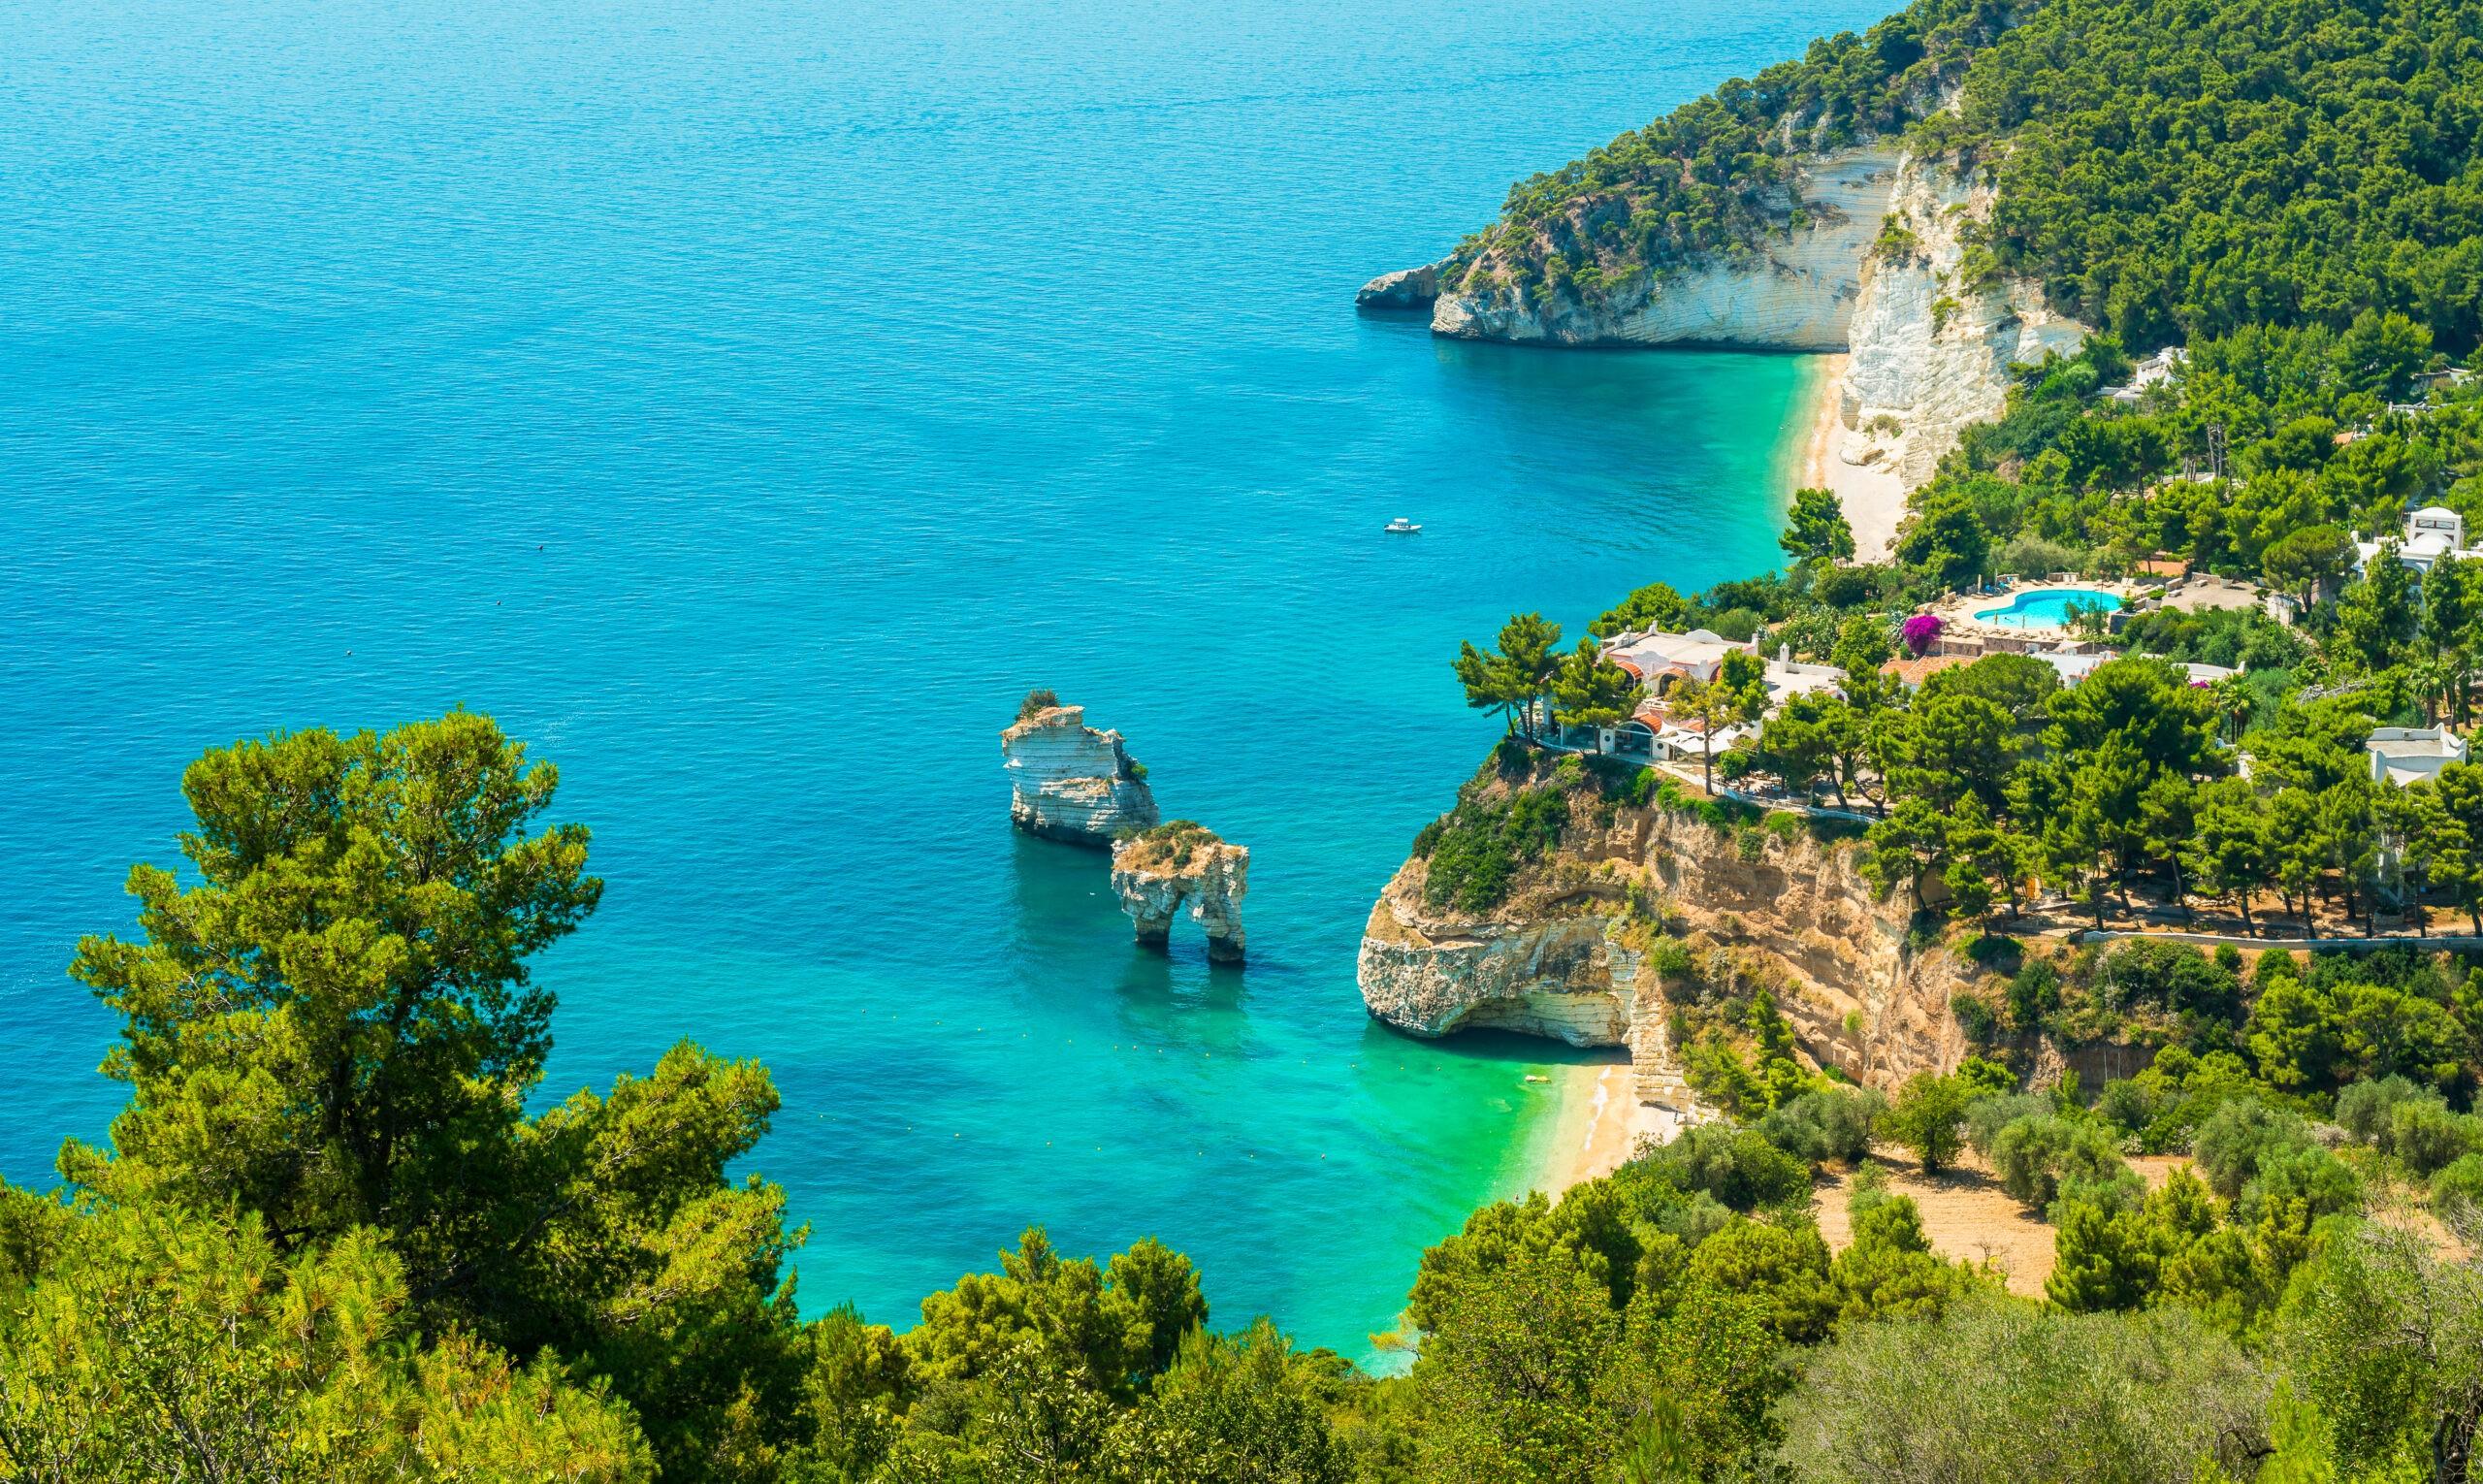 Panoramiczny widok na słynną Baia delle Zagare w parku narodowym Gargano. Apulia (Puglia), Włochy.